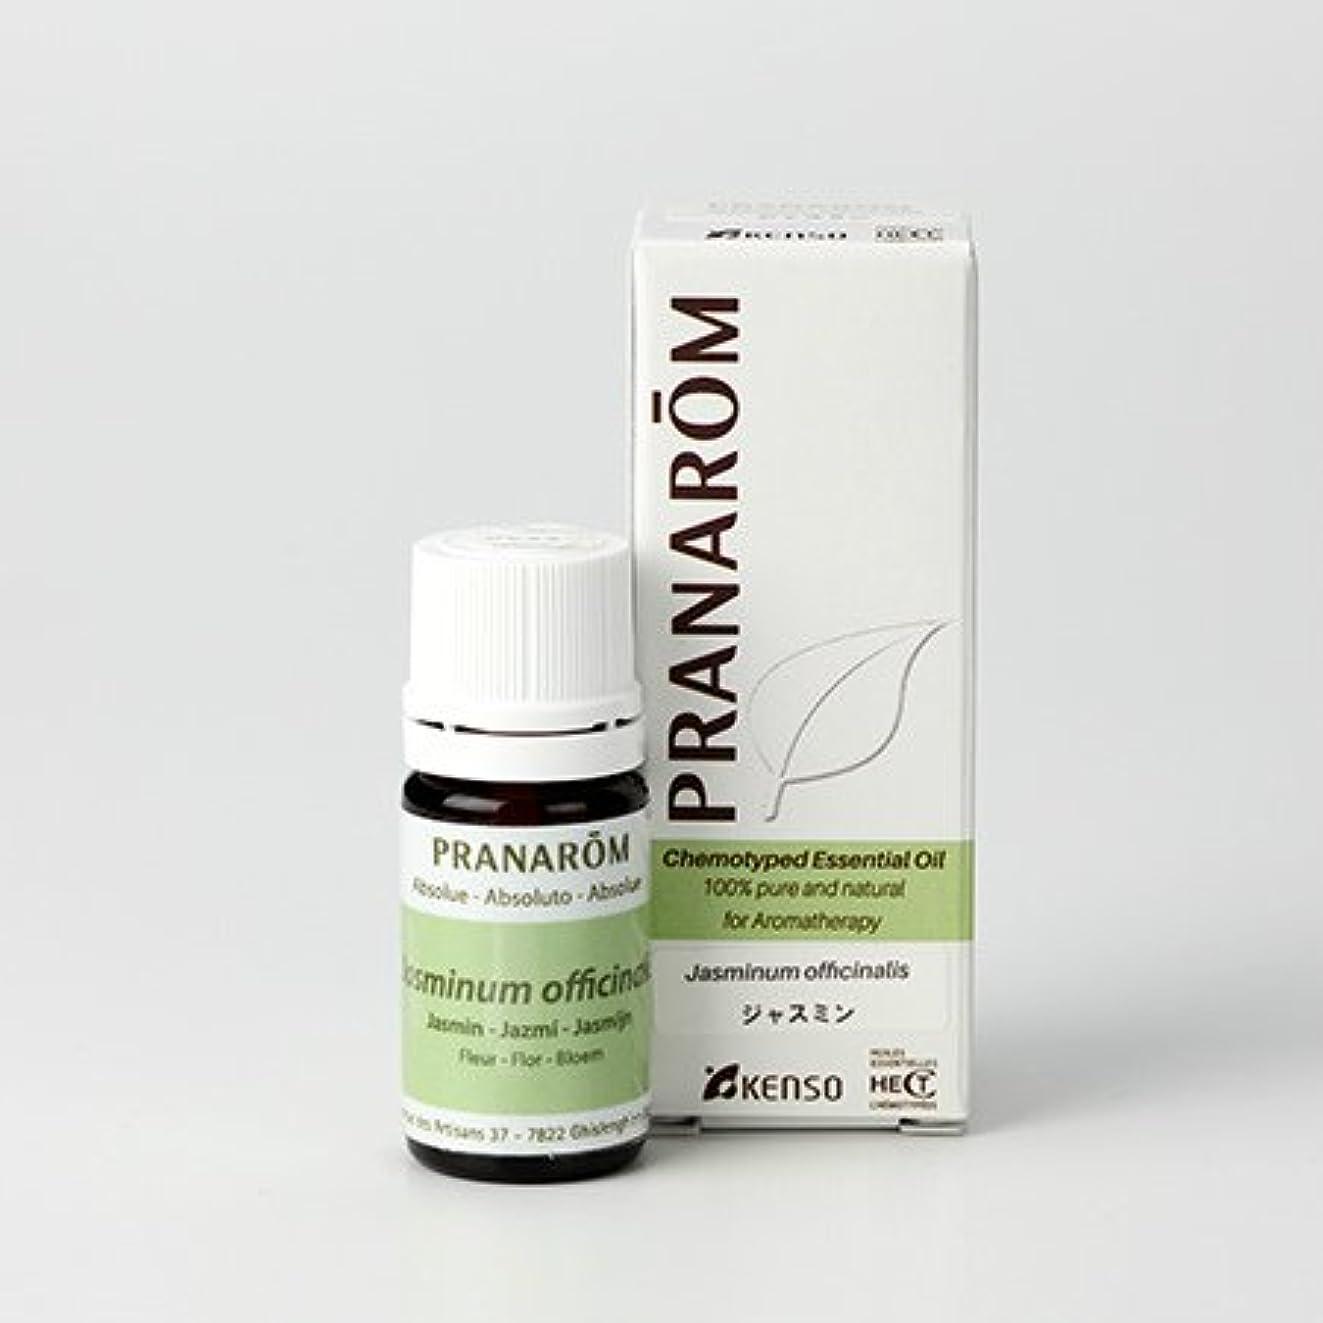 上がるペインティング柱プラナロム ジャスミンAbs. 5ml (PRANAROM ケモタイプ精油)